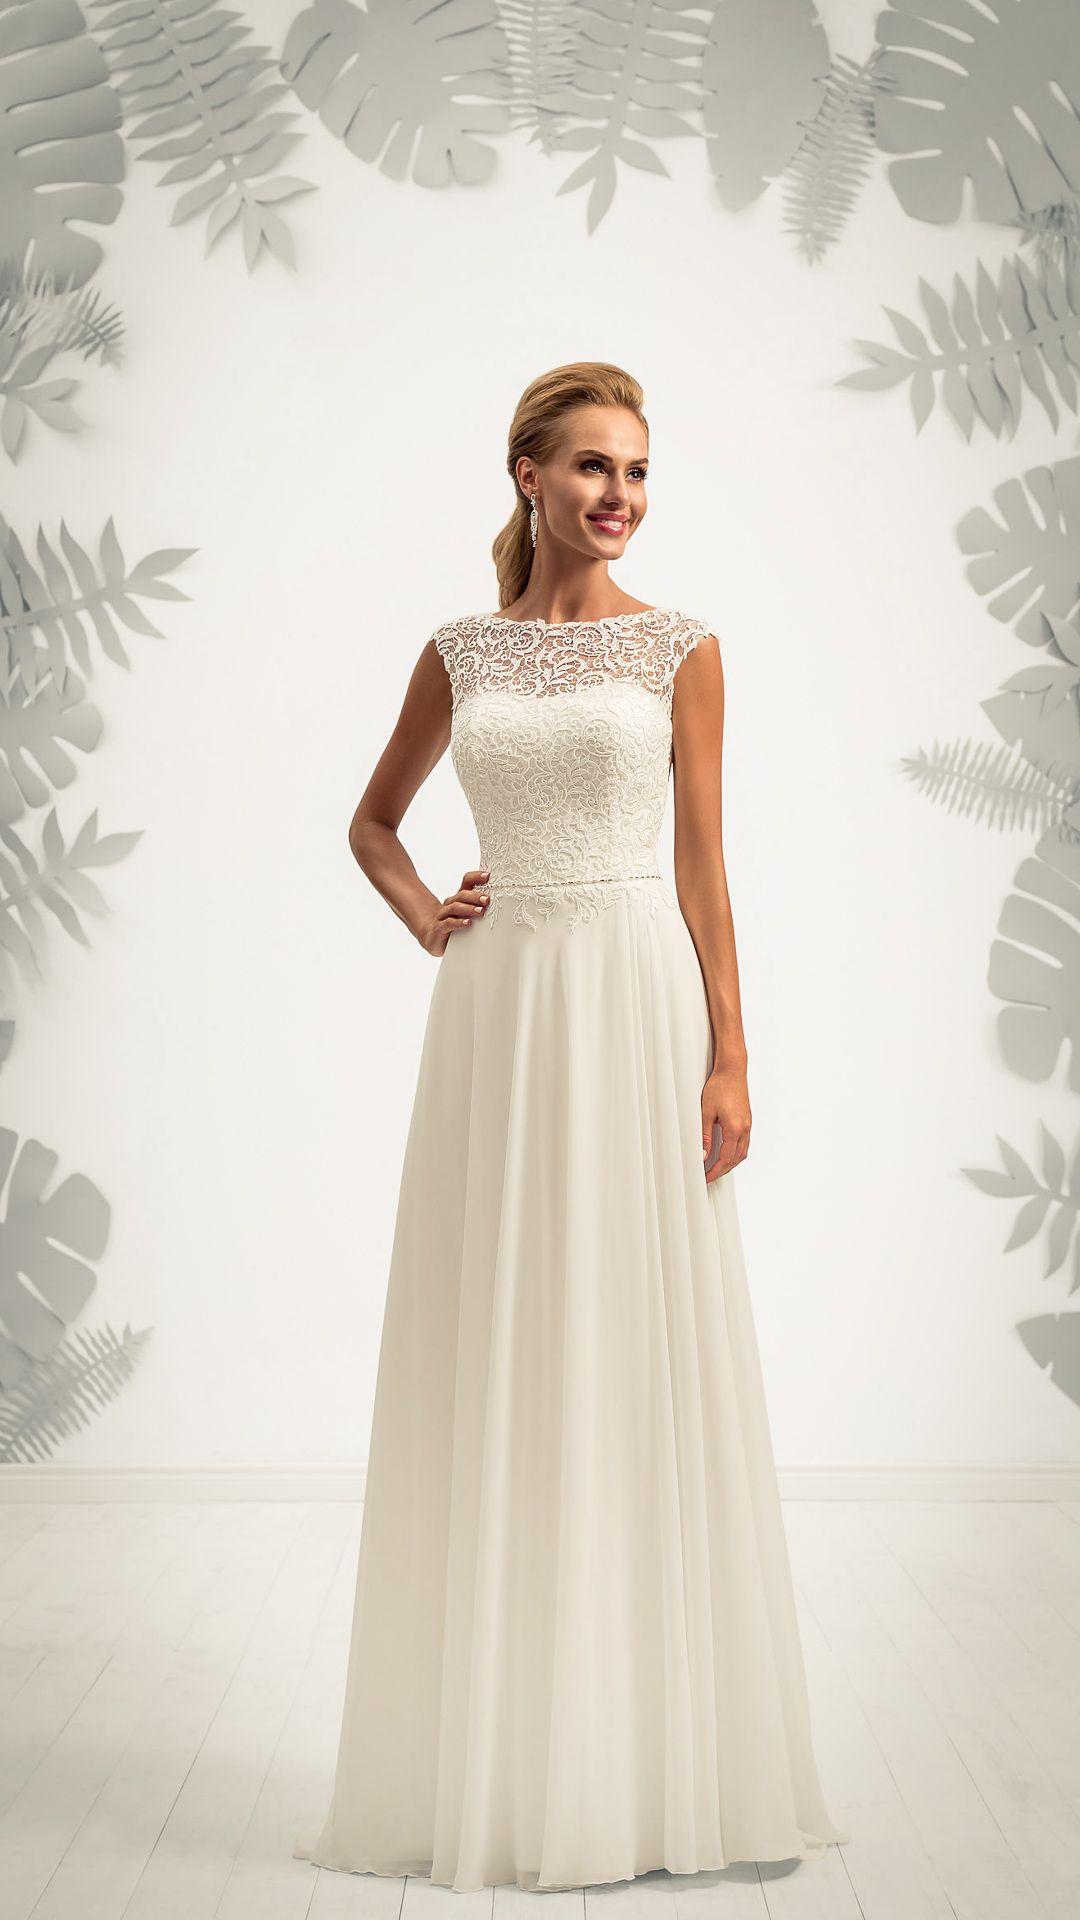 Hochzeitskleid-Mode-de-Pol-Elizabeth-Modell-11T  Kleid hochzeit